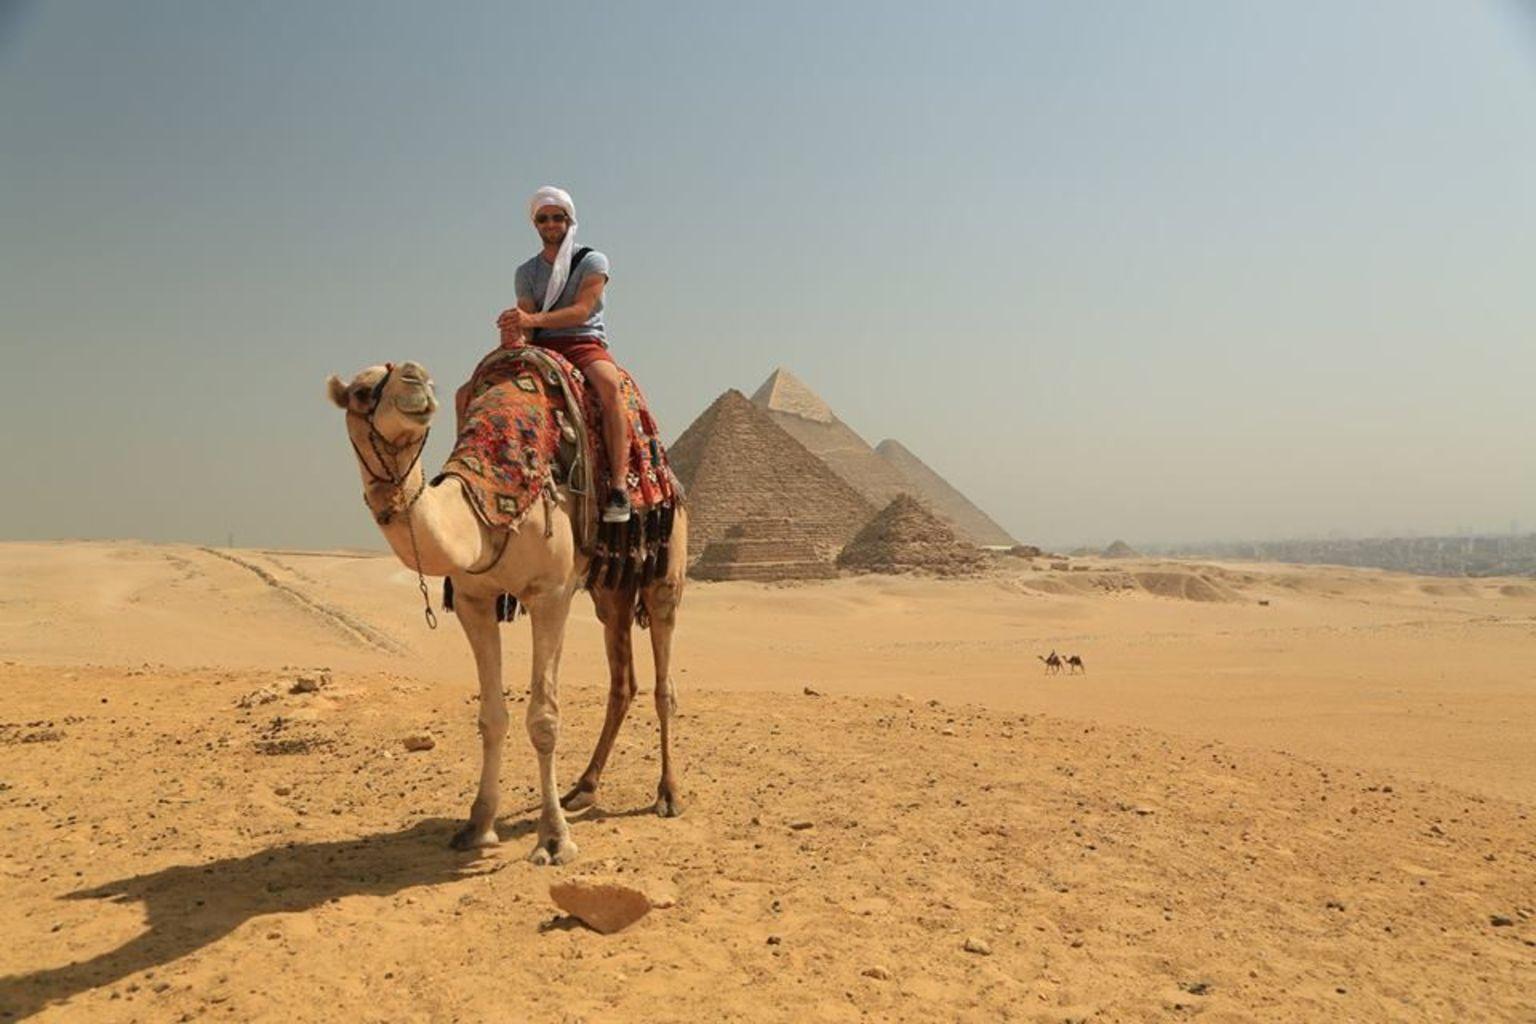 MÁS FOTOS, Excursión privada por el Nilo de 8 días 7 noches con visita a El Cairo, Luxor y Asuán, incluido tren con coche cama